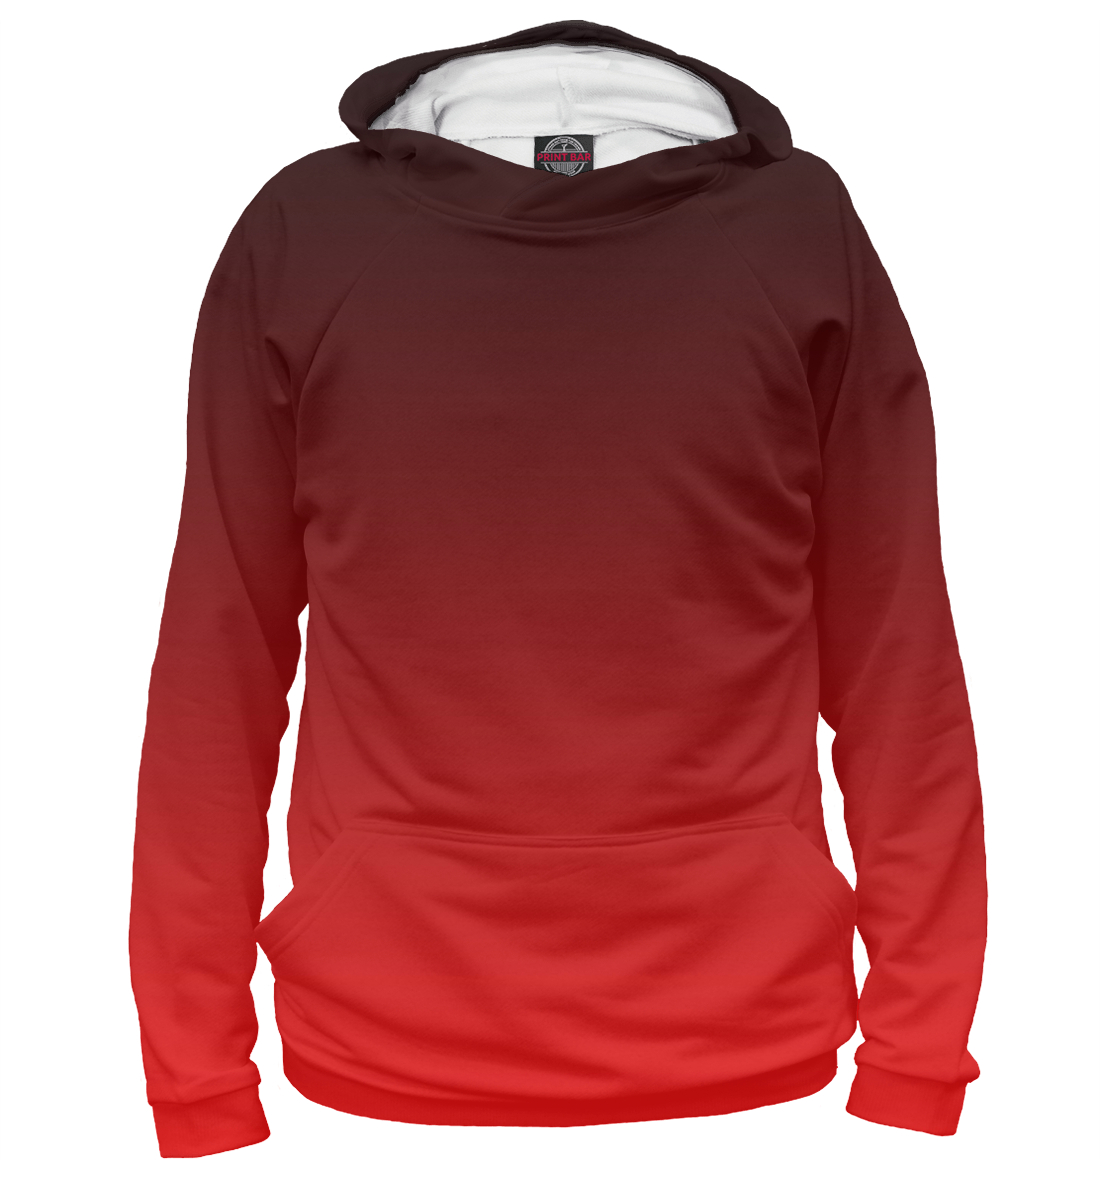 Купить Градиент Красный в Черный, Printbar, Худи, CLR-933713-hud-1